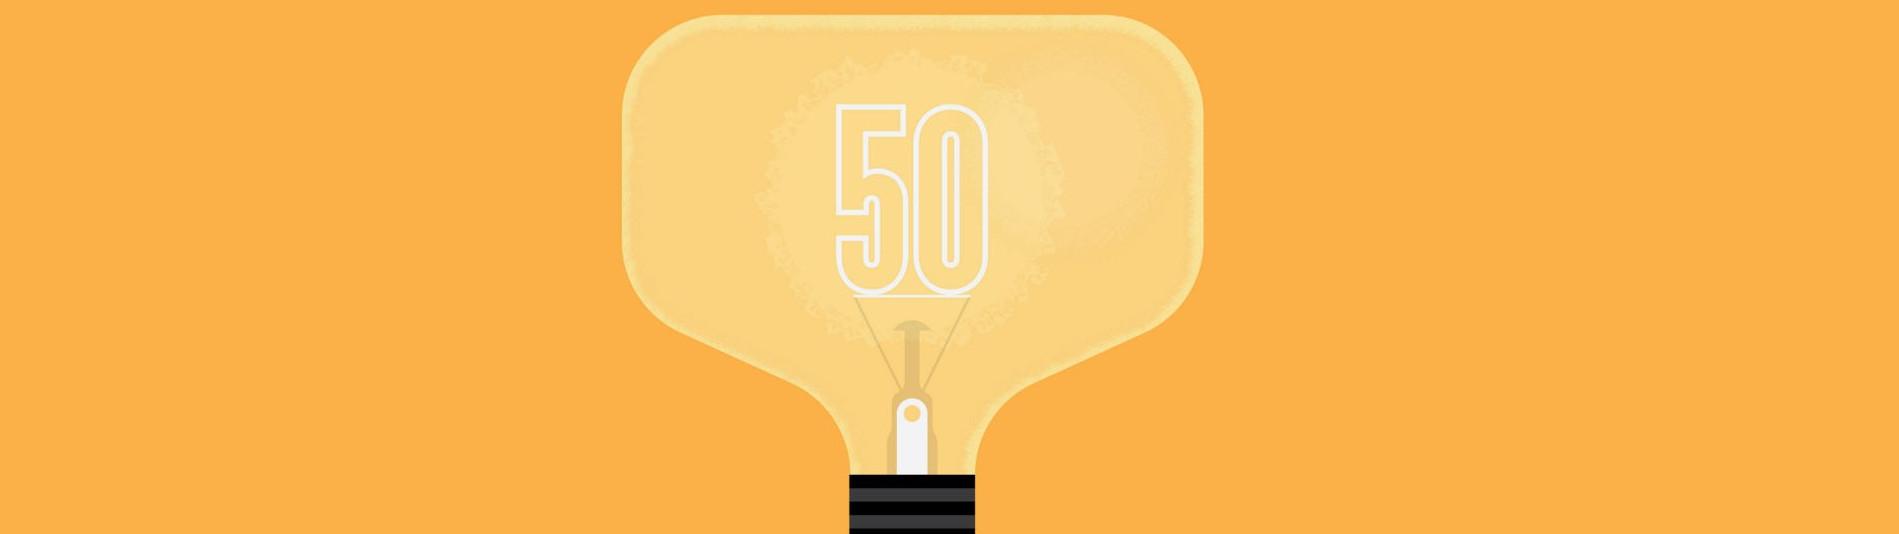 gelbe Glühbirne symbolisiert sonnen als smartes Unternehmen